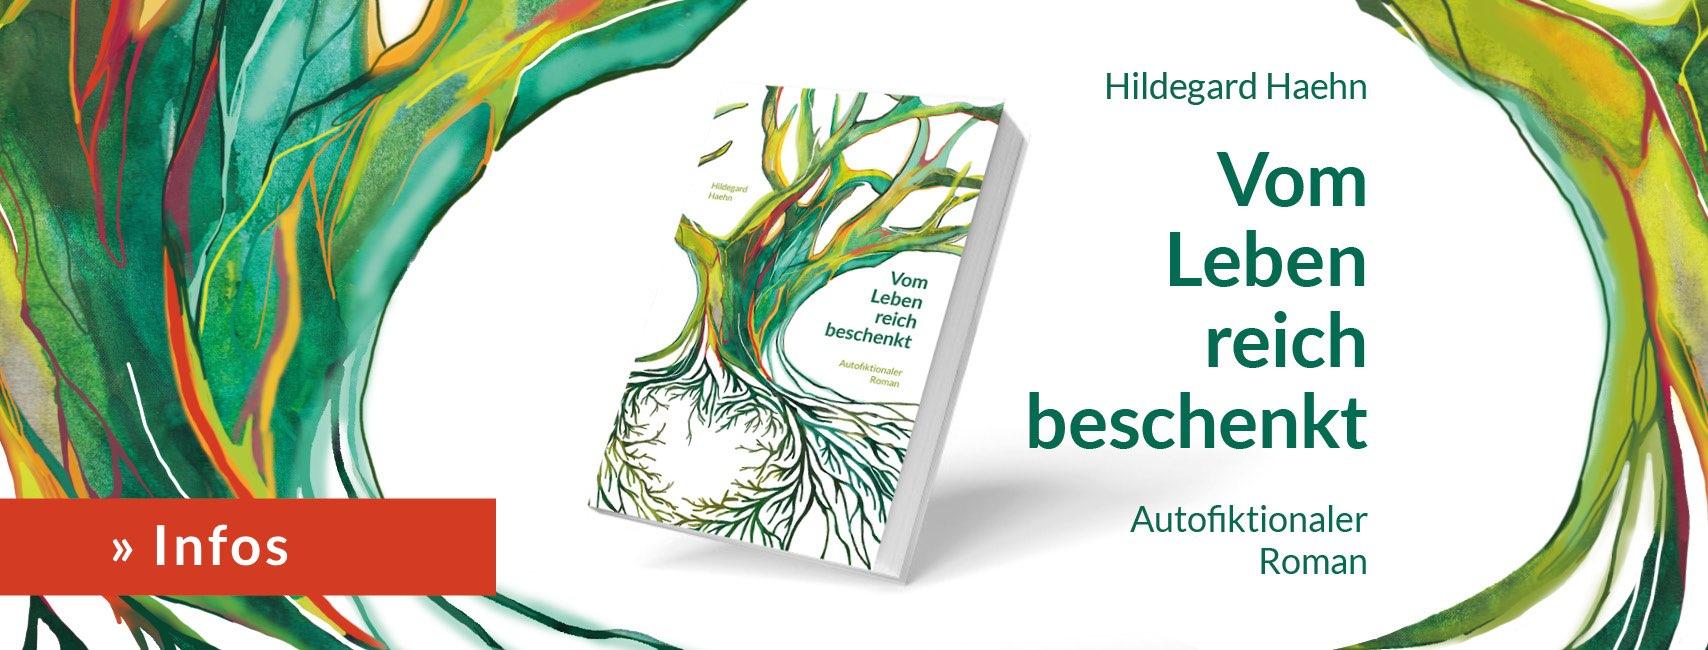 Roman 'Vom Leben reich beschenkt'